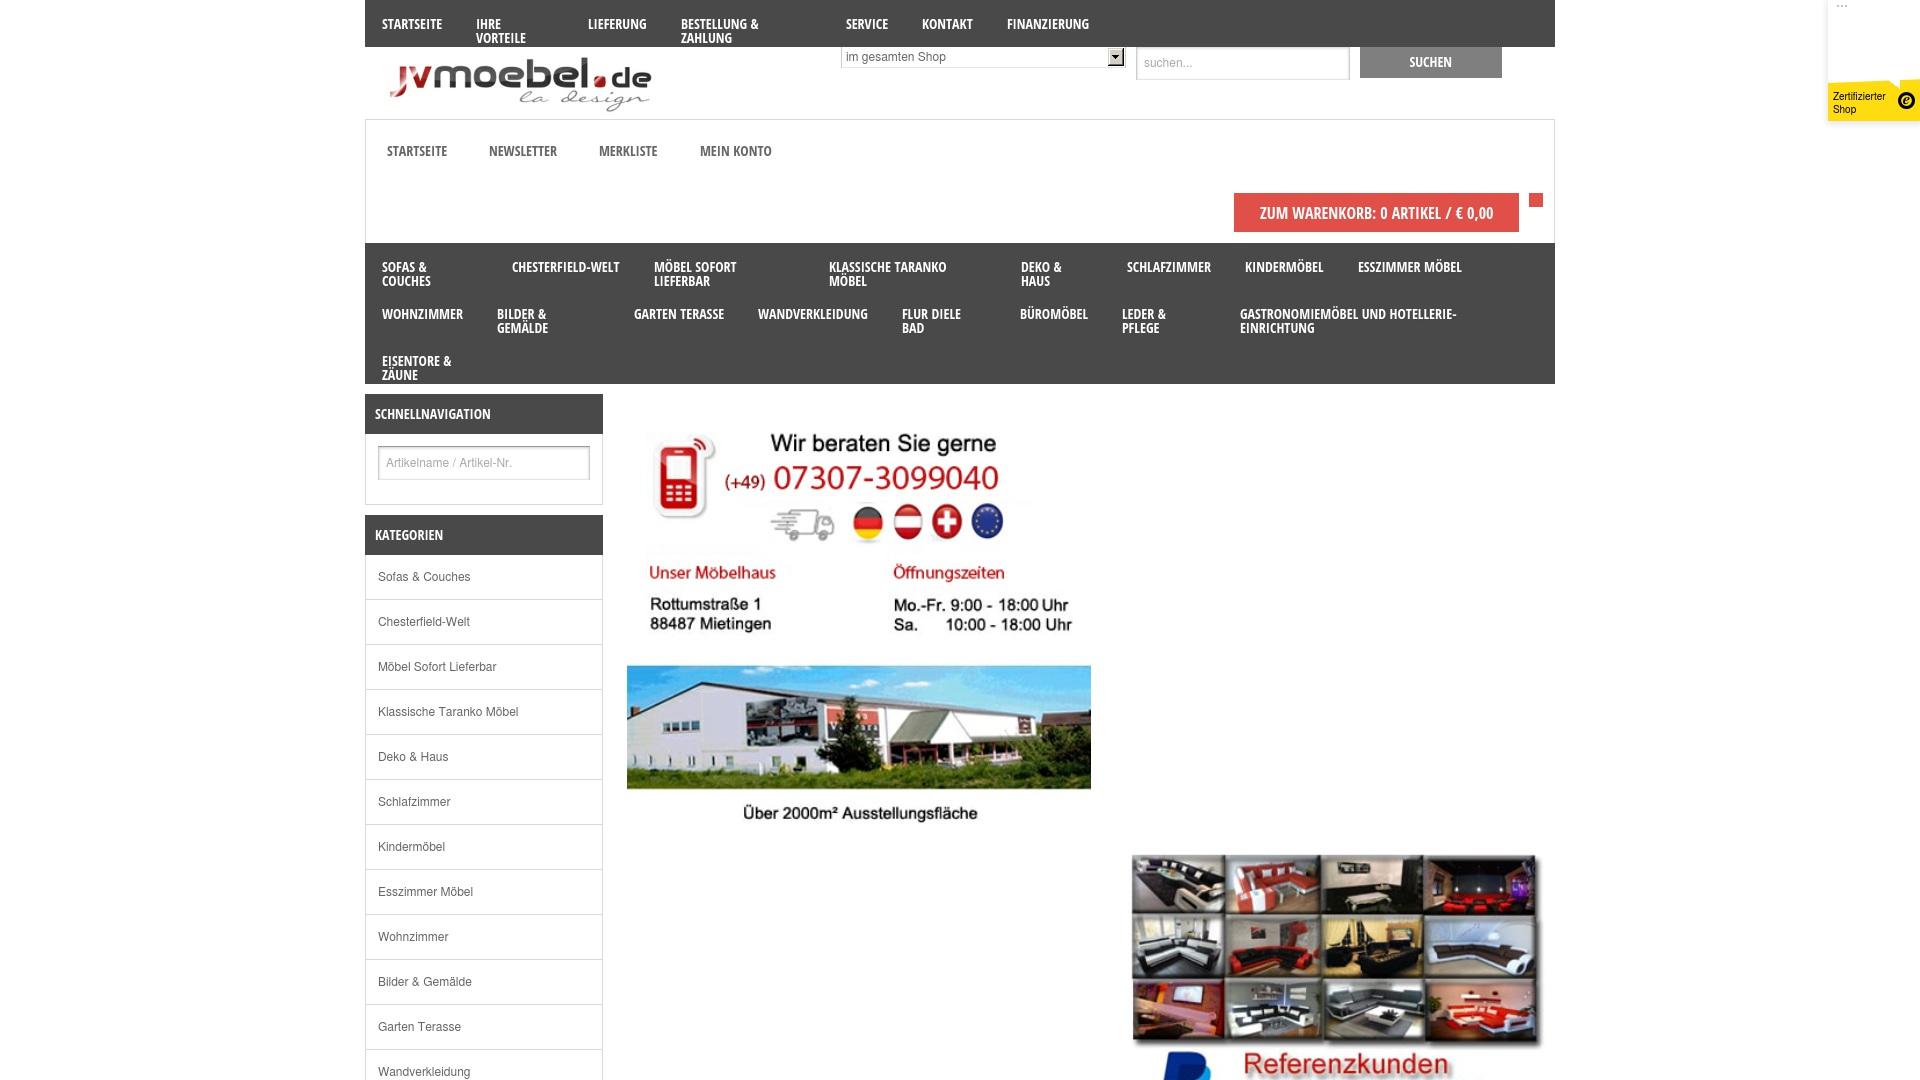 Gutschein für Jvmoebel: Rabatte für  Jvmoebel sichern